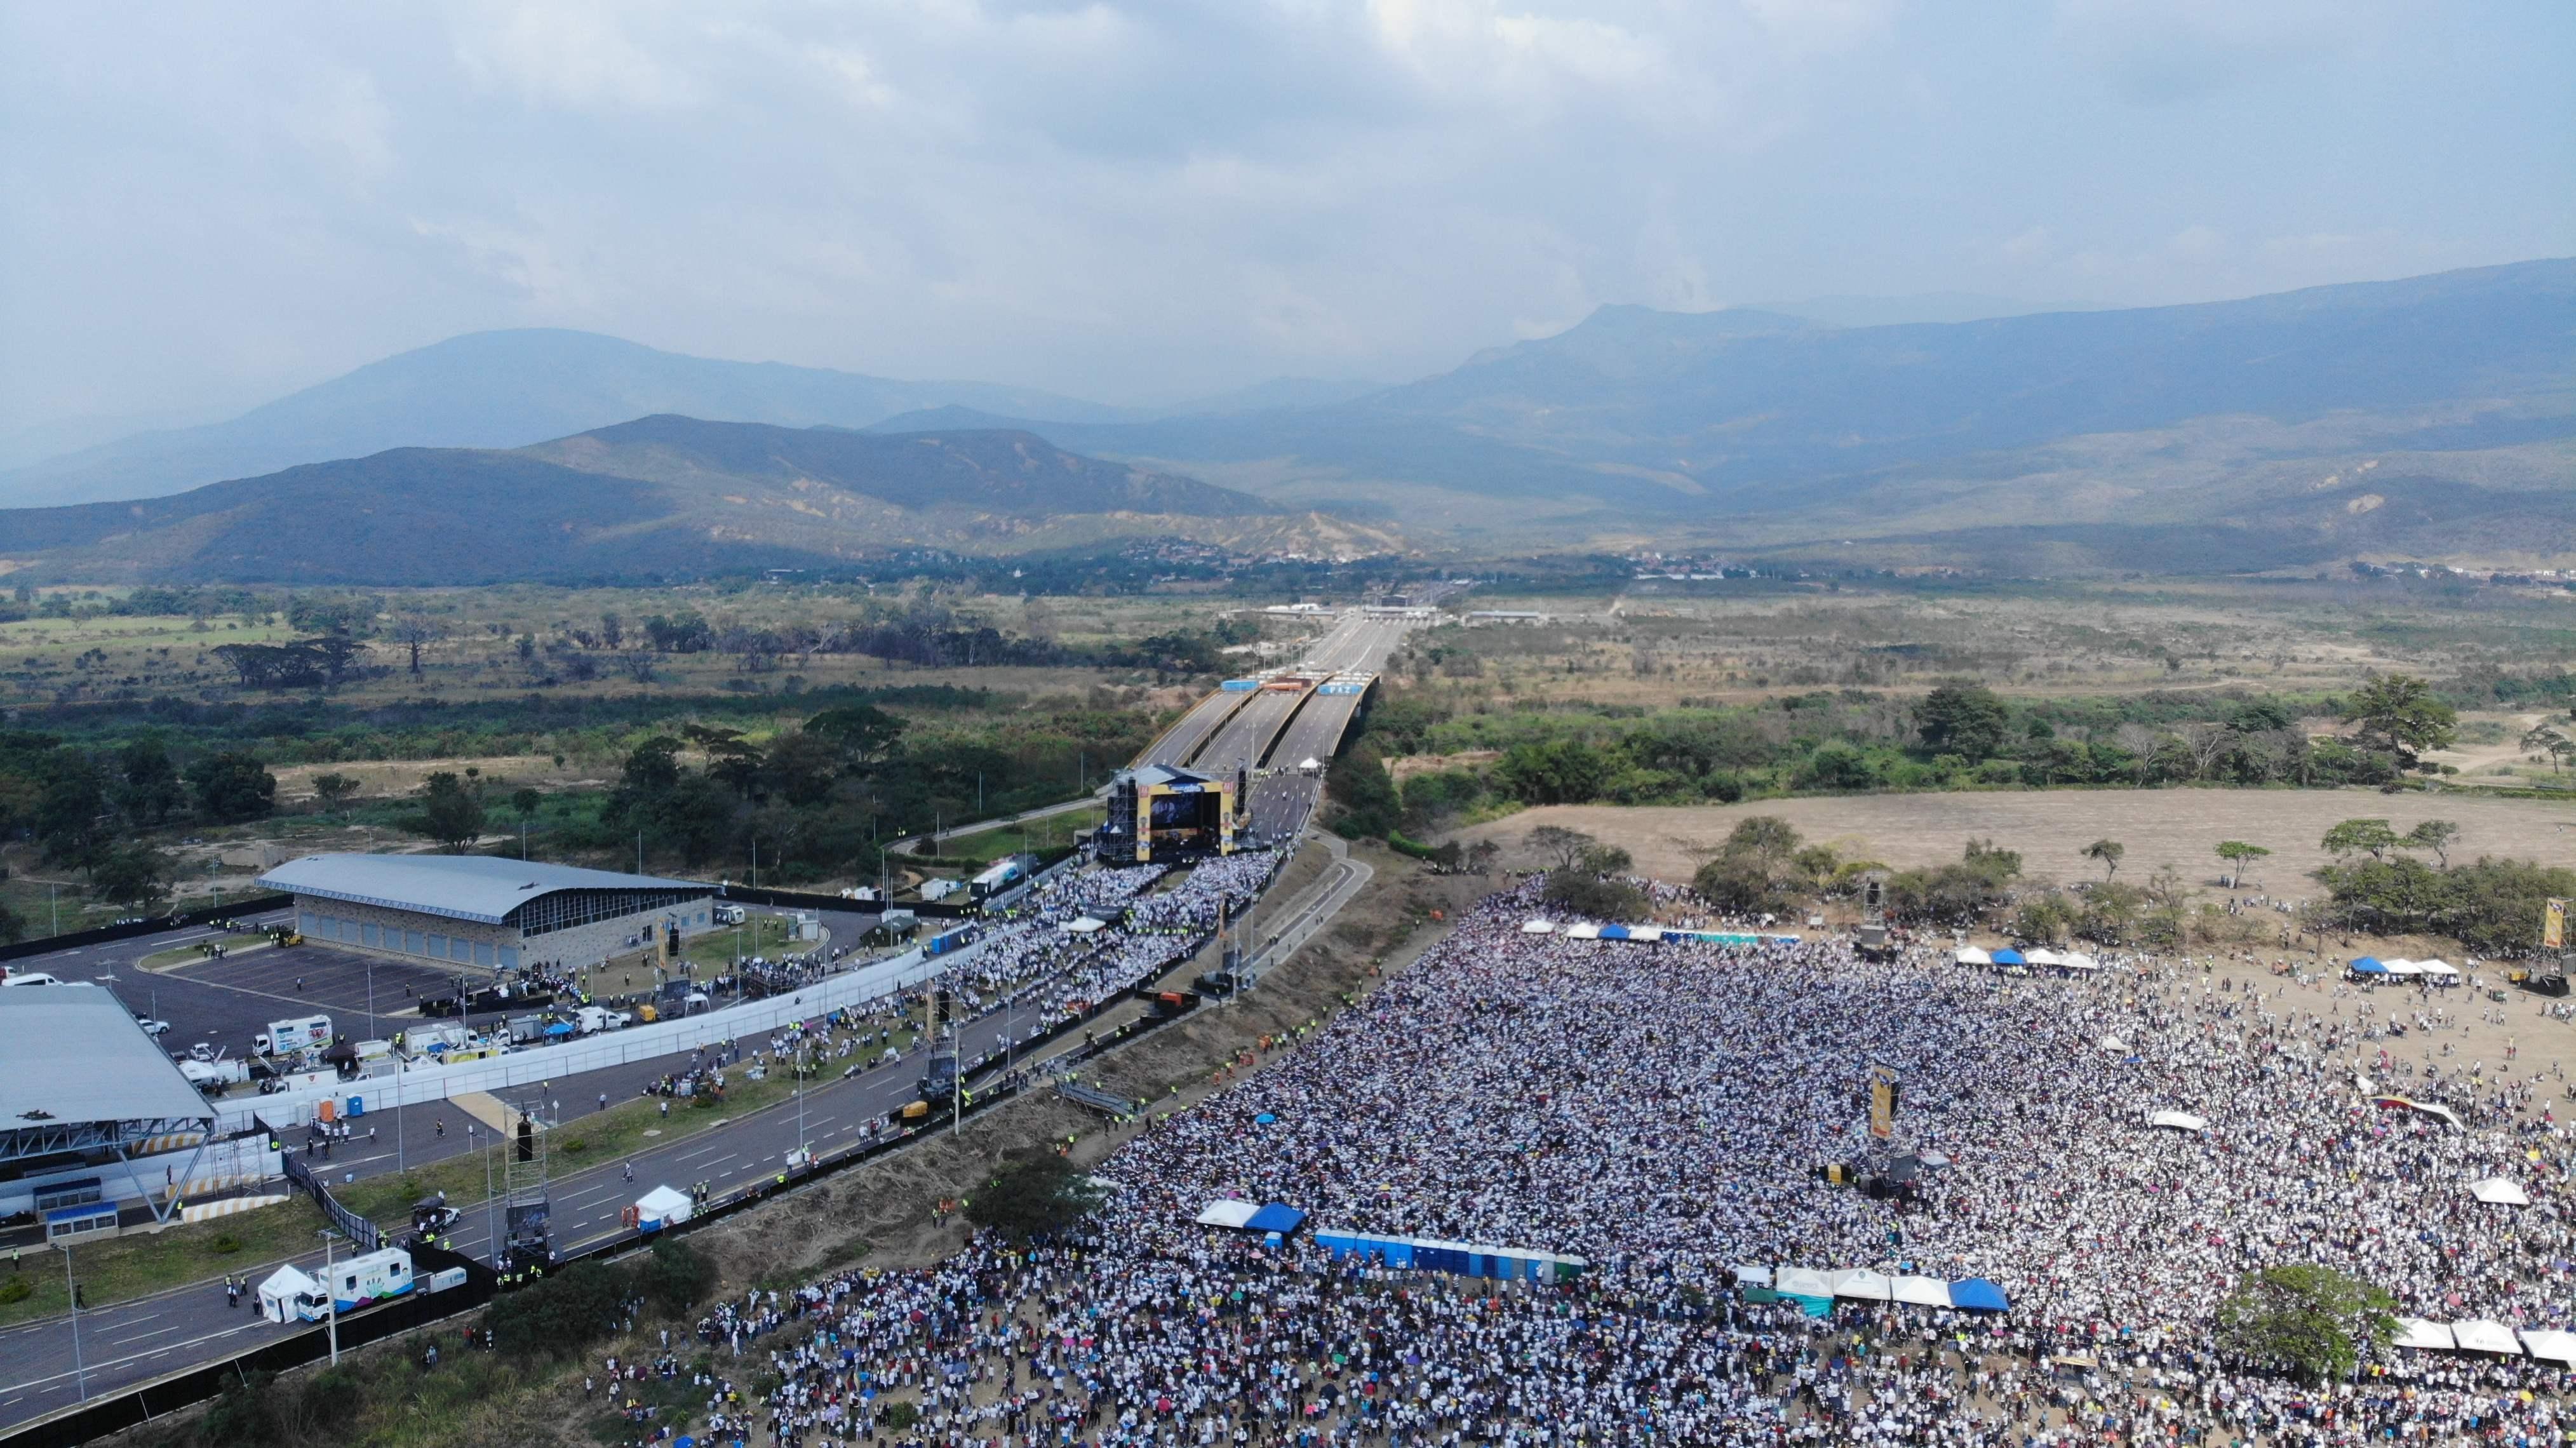 Vista aérea del concierto del lado colombiano; al fondo, puede observarse la tarima del concierto organizado por el chavismo. (Foto Prensa Libre: AFP)